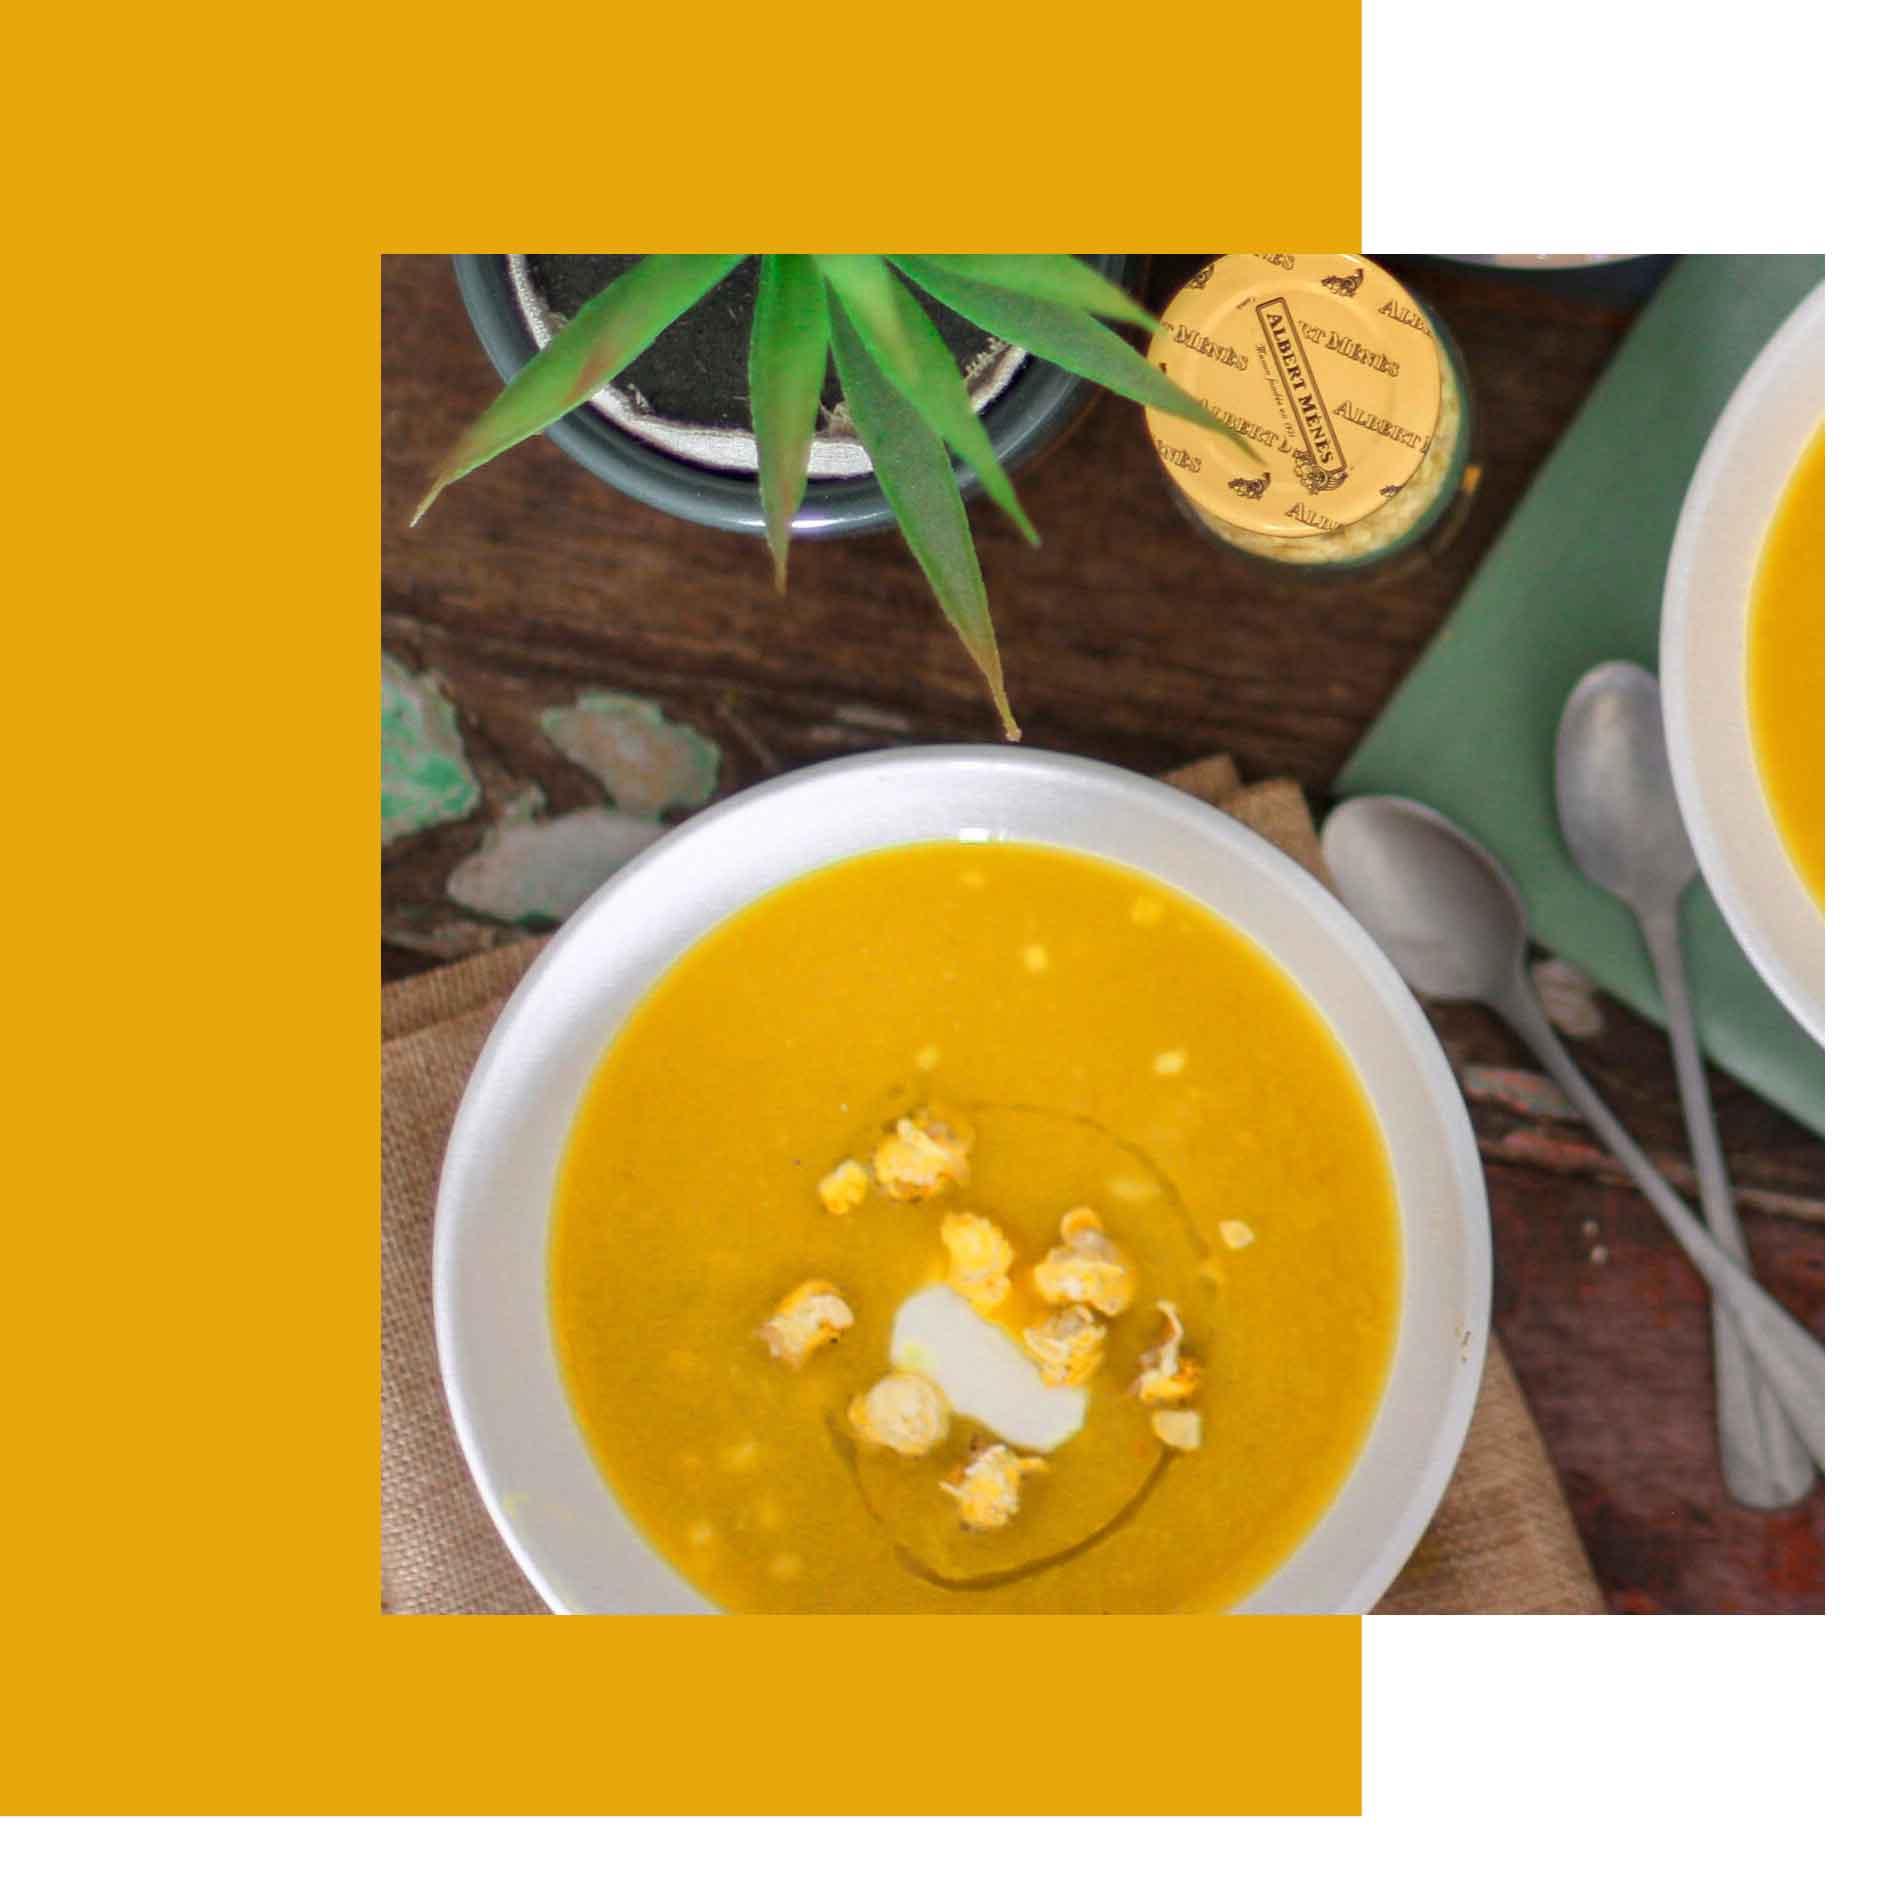 Kurkuma-Suppe gegen Erkältung, Rezept vegane Kurkuma Suppe, Vegane Kurkuma Suppe gegen Erkältung, Hausmittel gegen Erkältung, Kurkuma gegen Erkältung, Suppen Rezept, Vegane Kurkuma Suppe zubereiten,